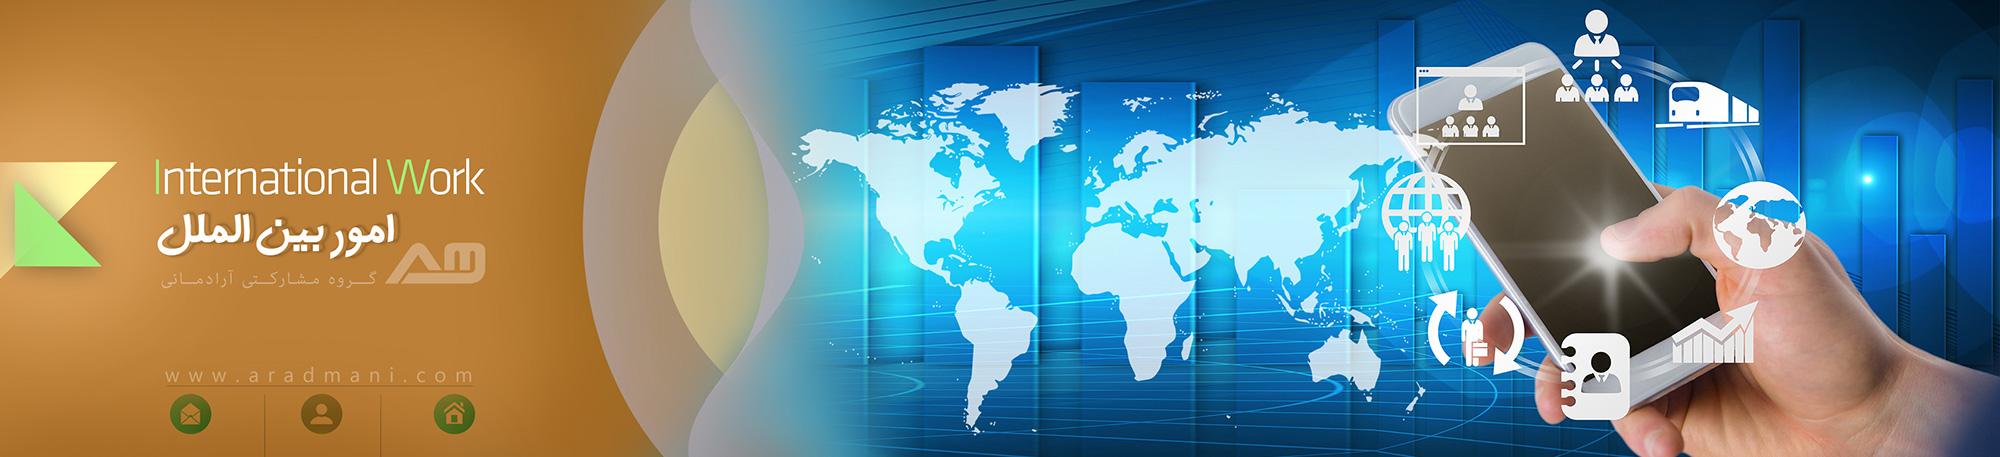 امور بین الملل